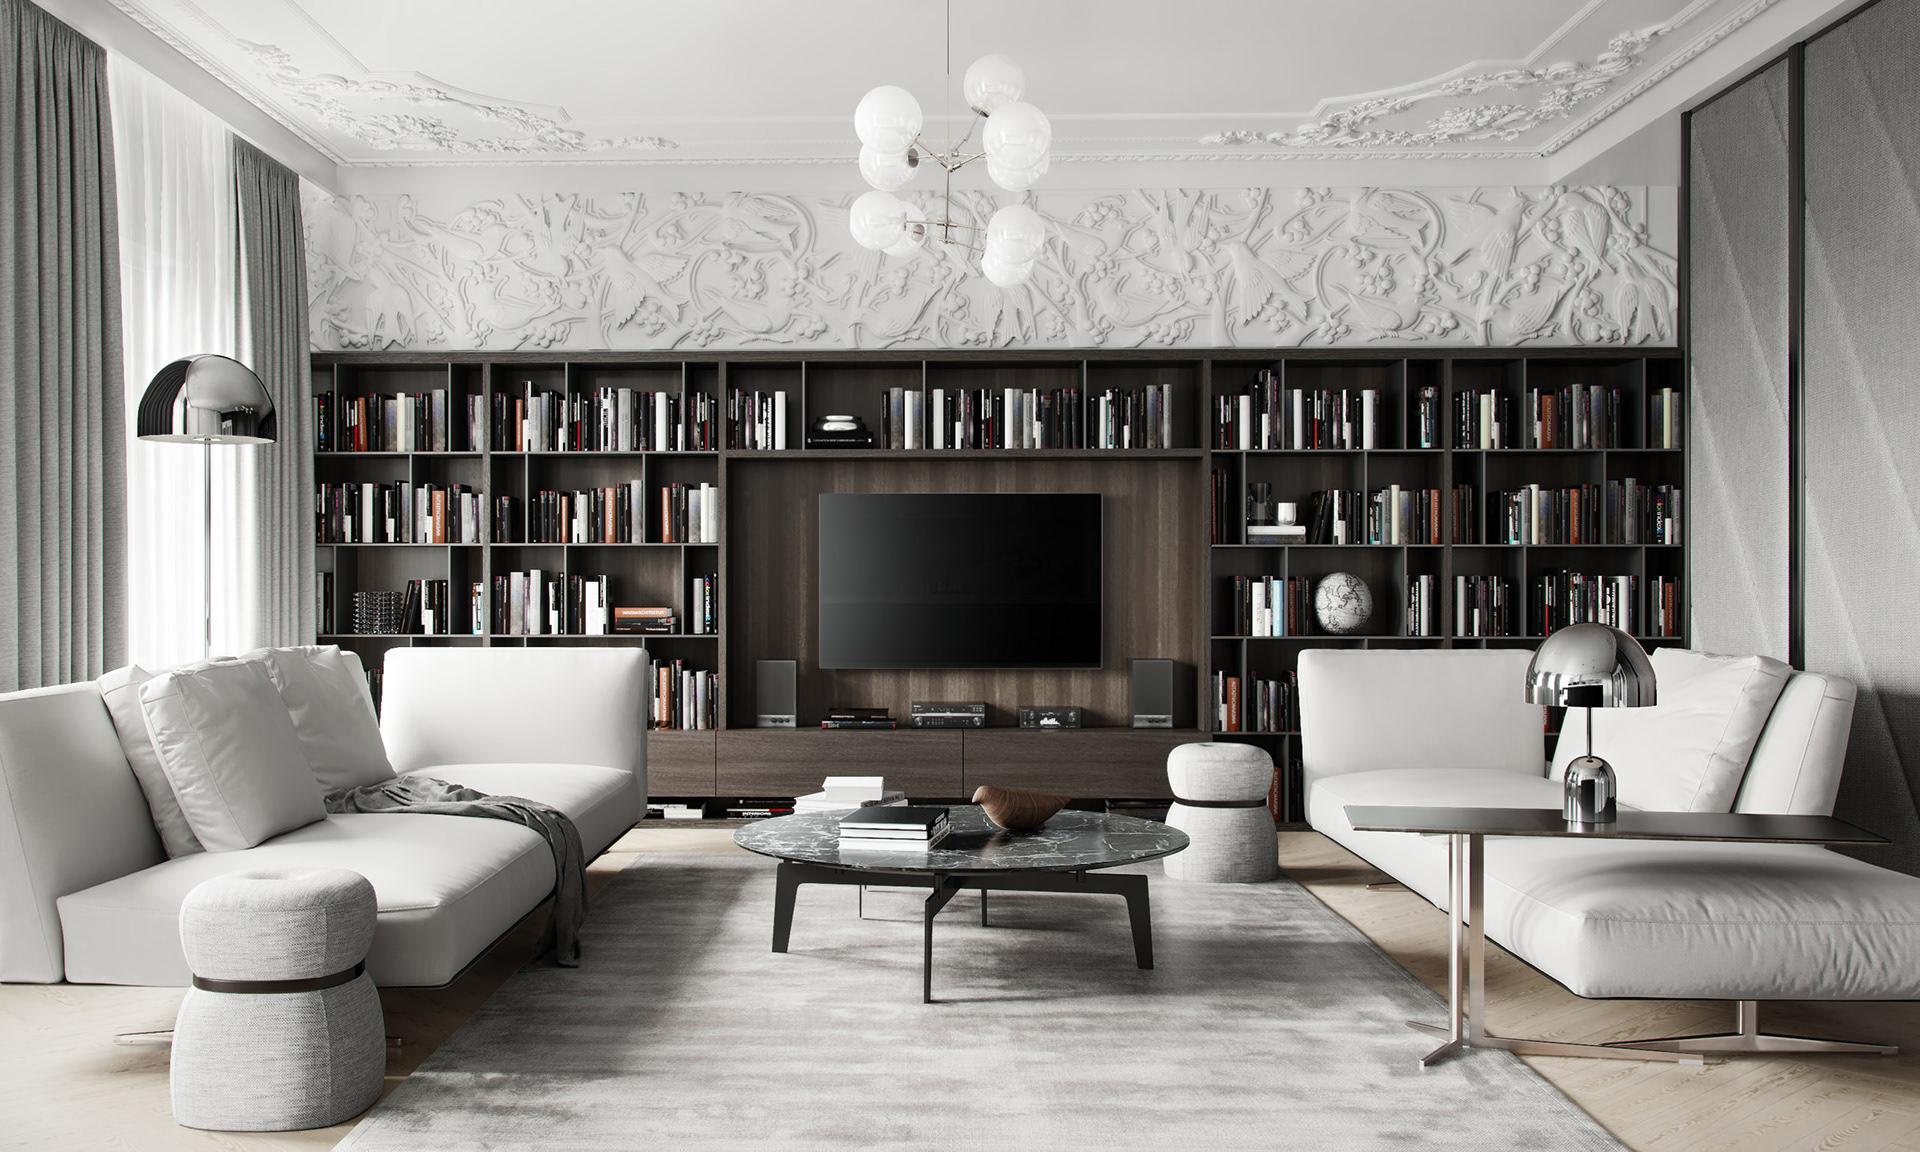 Illuminazione Per Soggiorno Moderno illuminazione soggiorno moderno: le 3 regole per un progetto